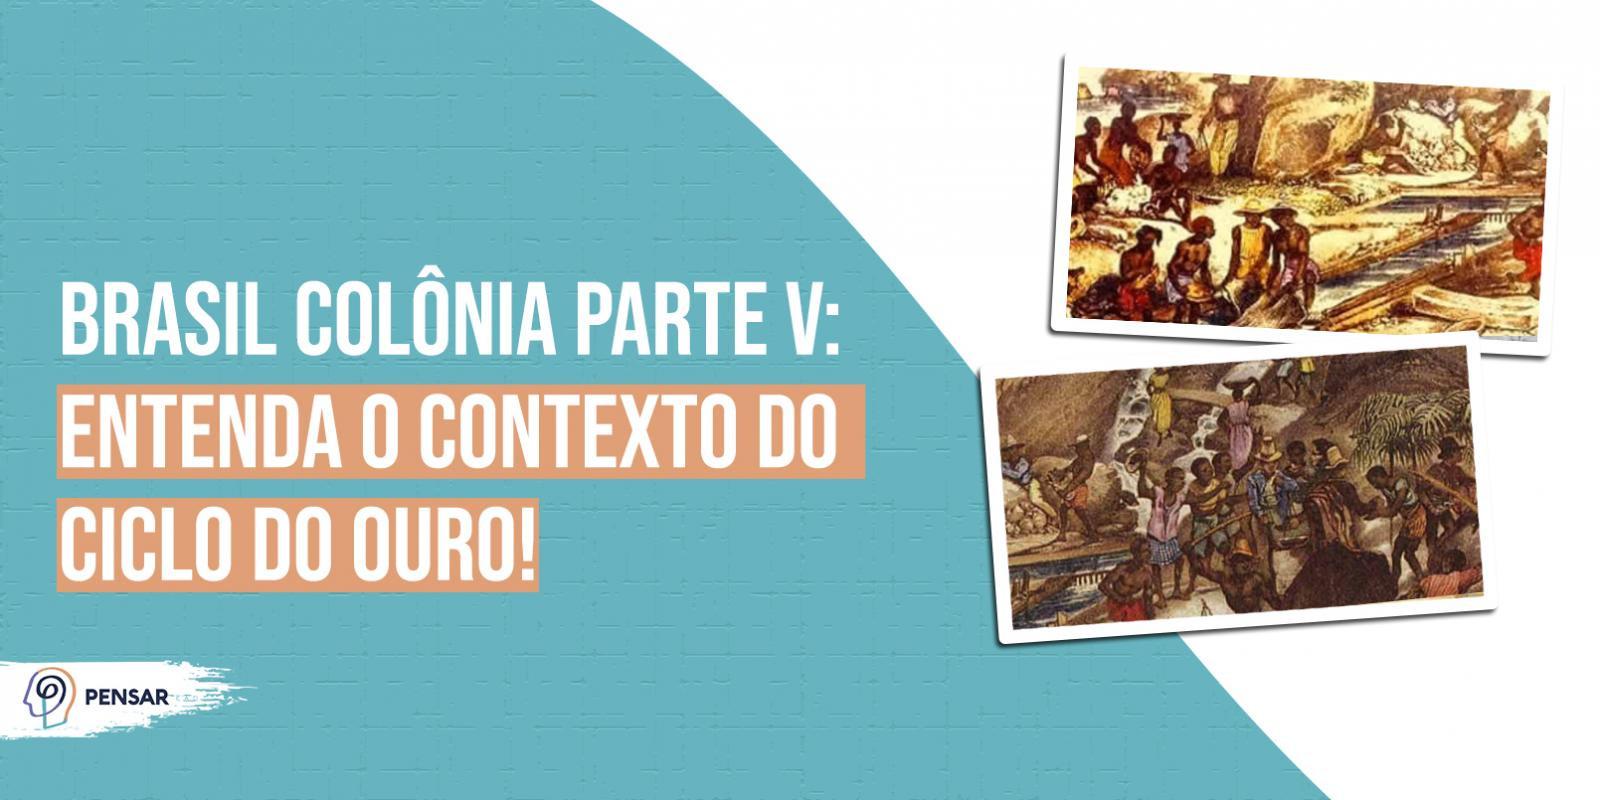 Brasil Colônia parte V: entenda o contexto do ciclo do ouro!